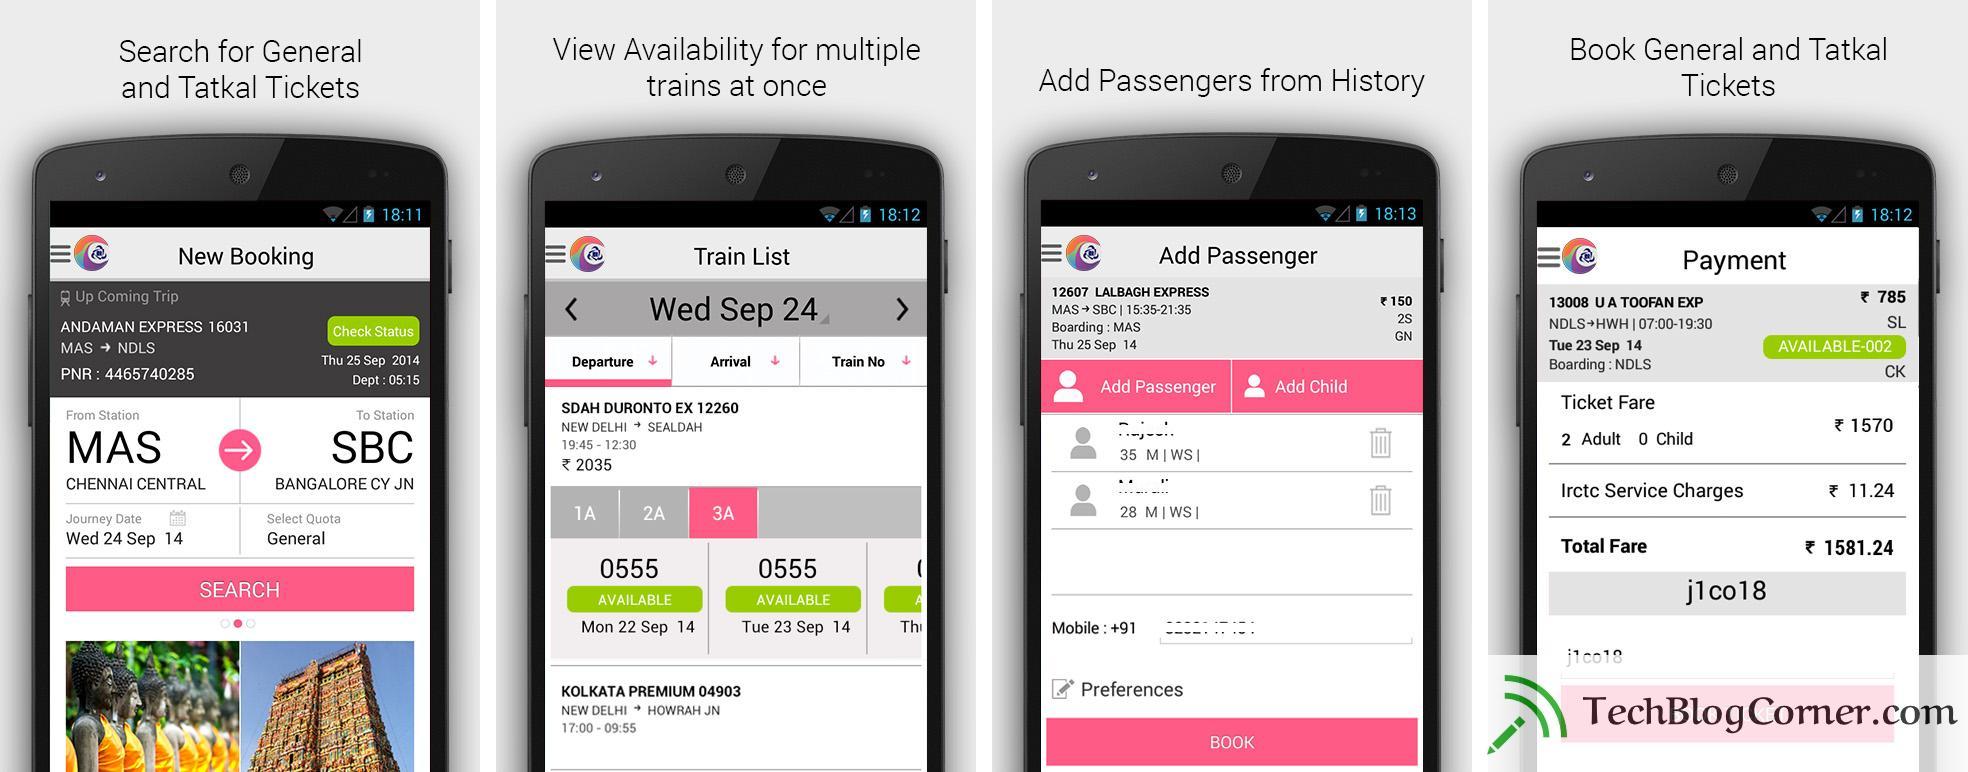 irctc-app-android-techblogcorner